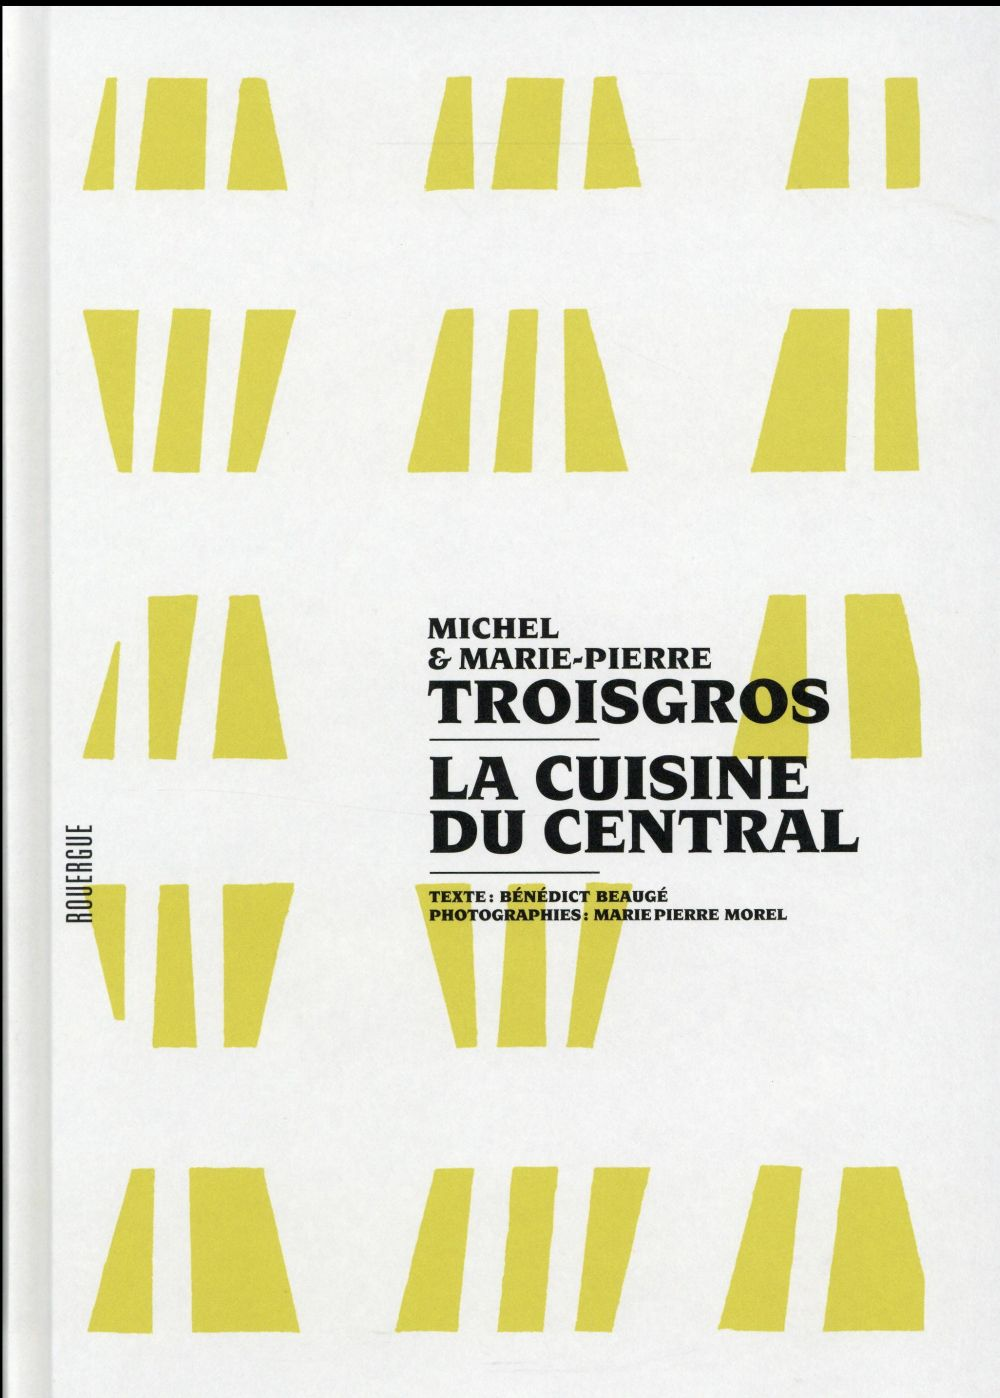 LA CUISINE DU CENTRAL.